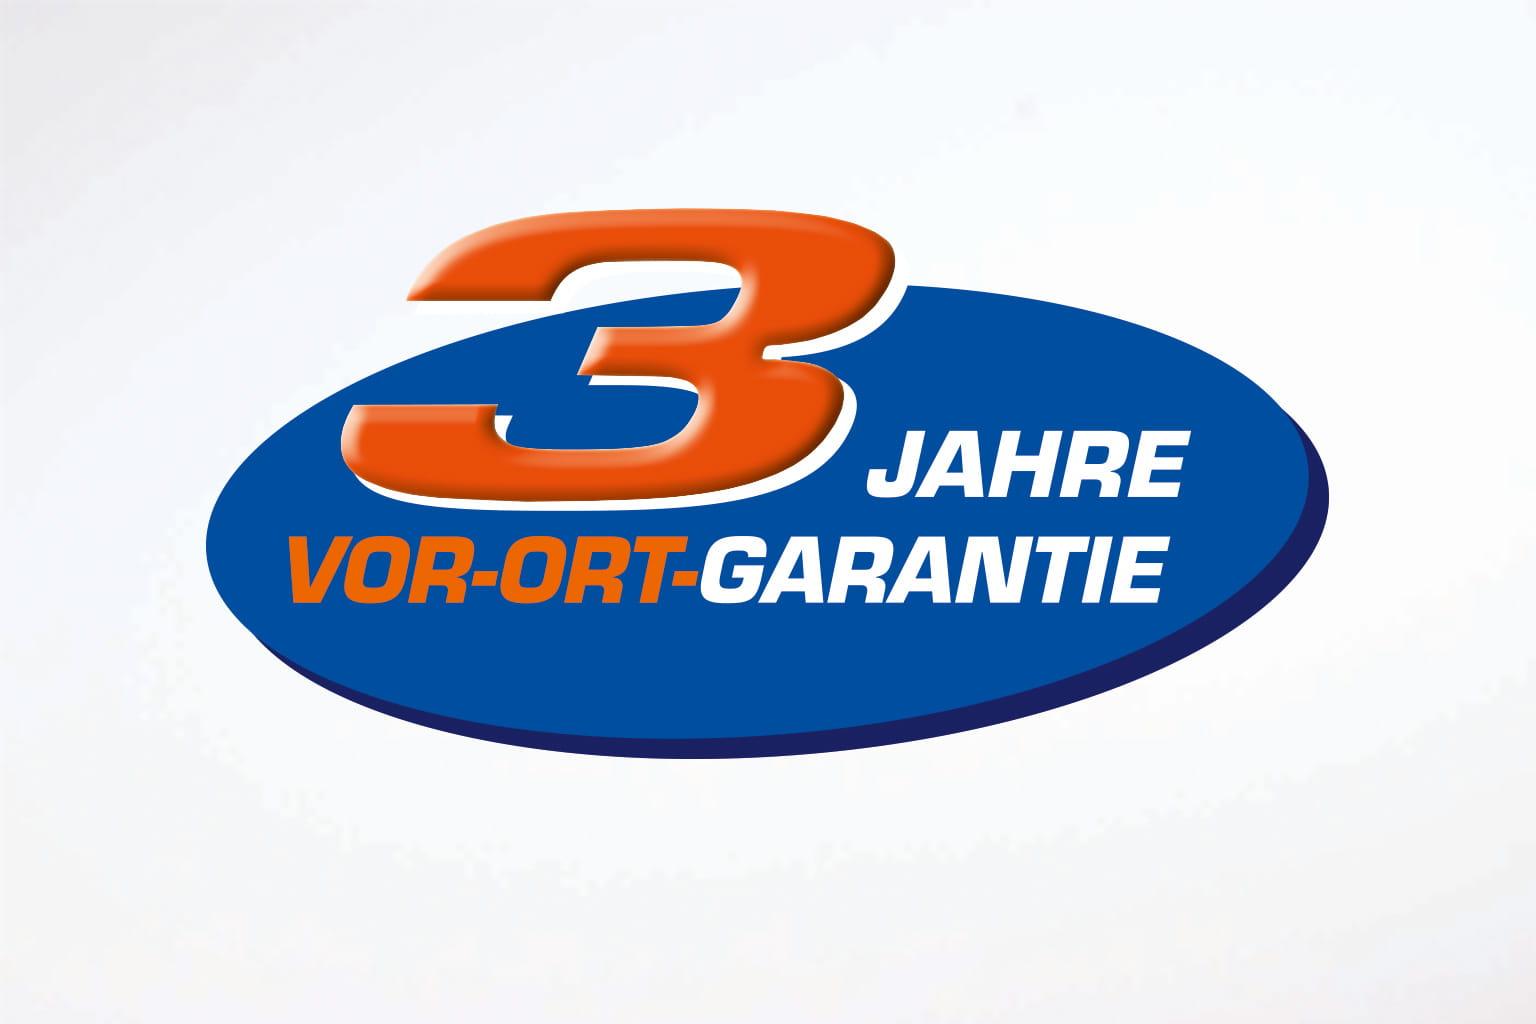 3 Jahre Vor-Ort-Garantie Logo